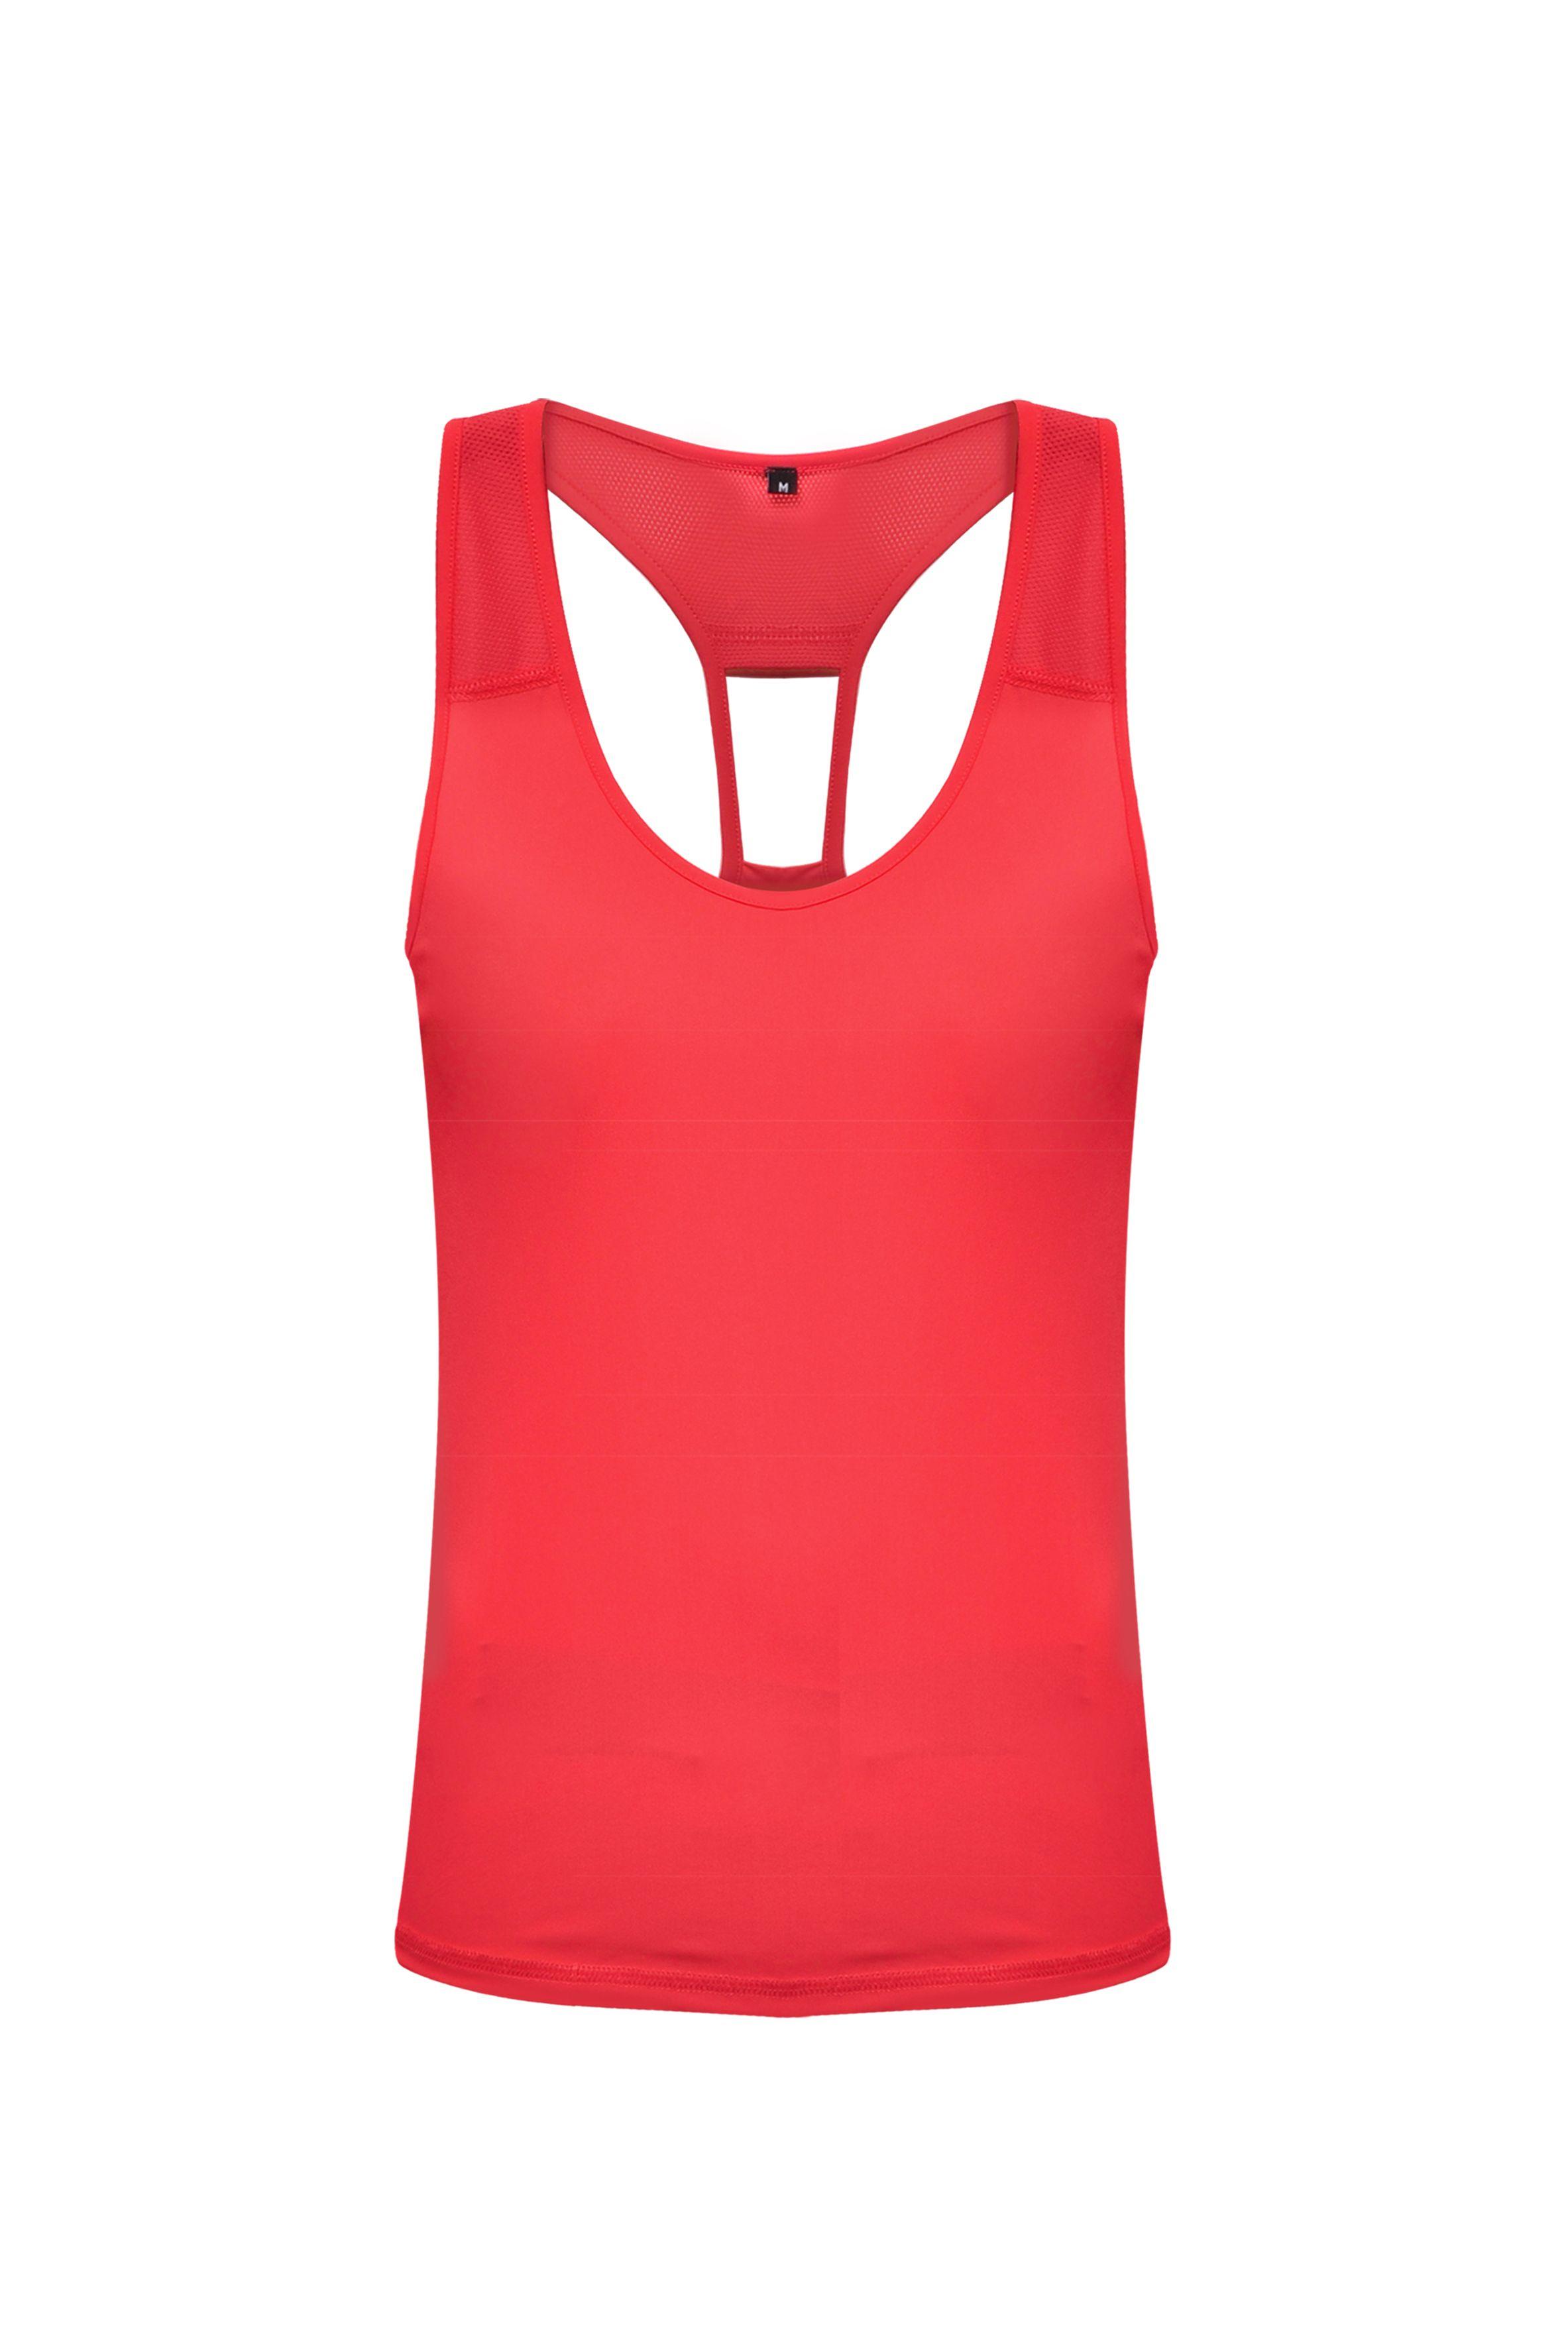 <p>Per le più sportive, amanti dell'attività all'aria aperta, ecco il colore giusto: il rosso corallo della canotta in tessuto tecnico di Colmar. Un capo non solo per il mare, ma anche per il tempo libero in città!</p>